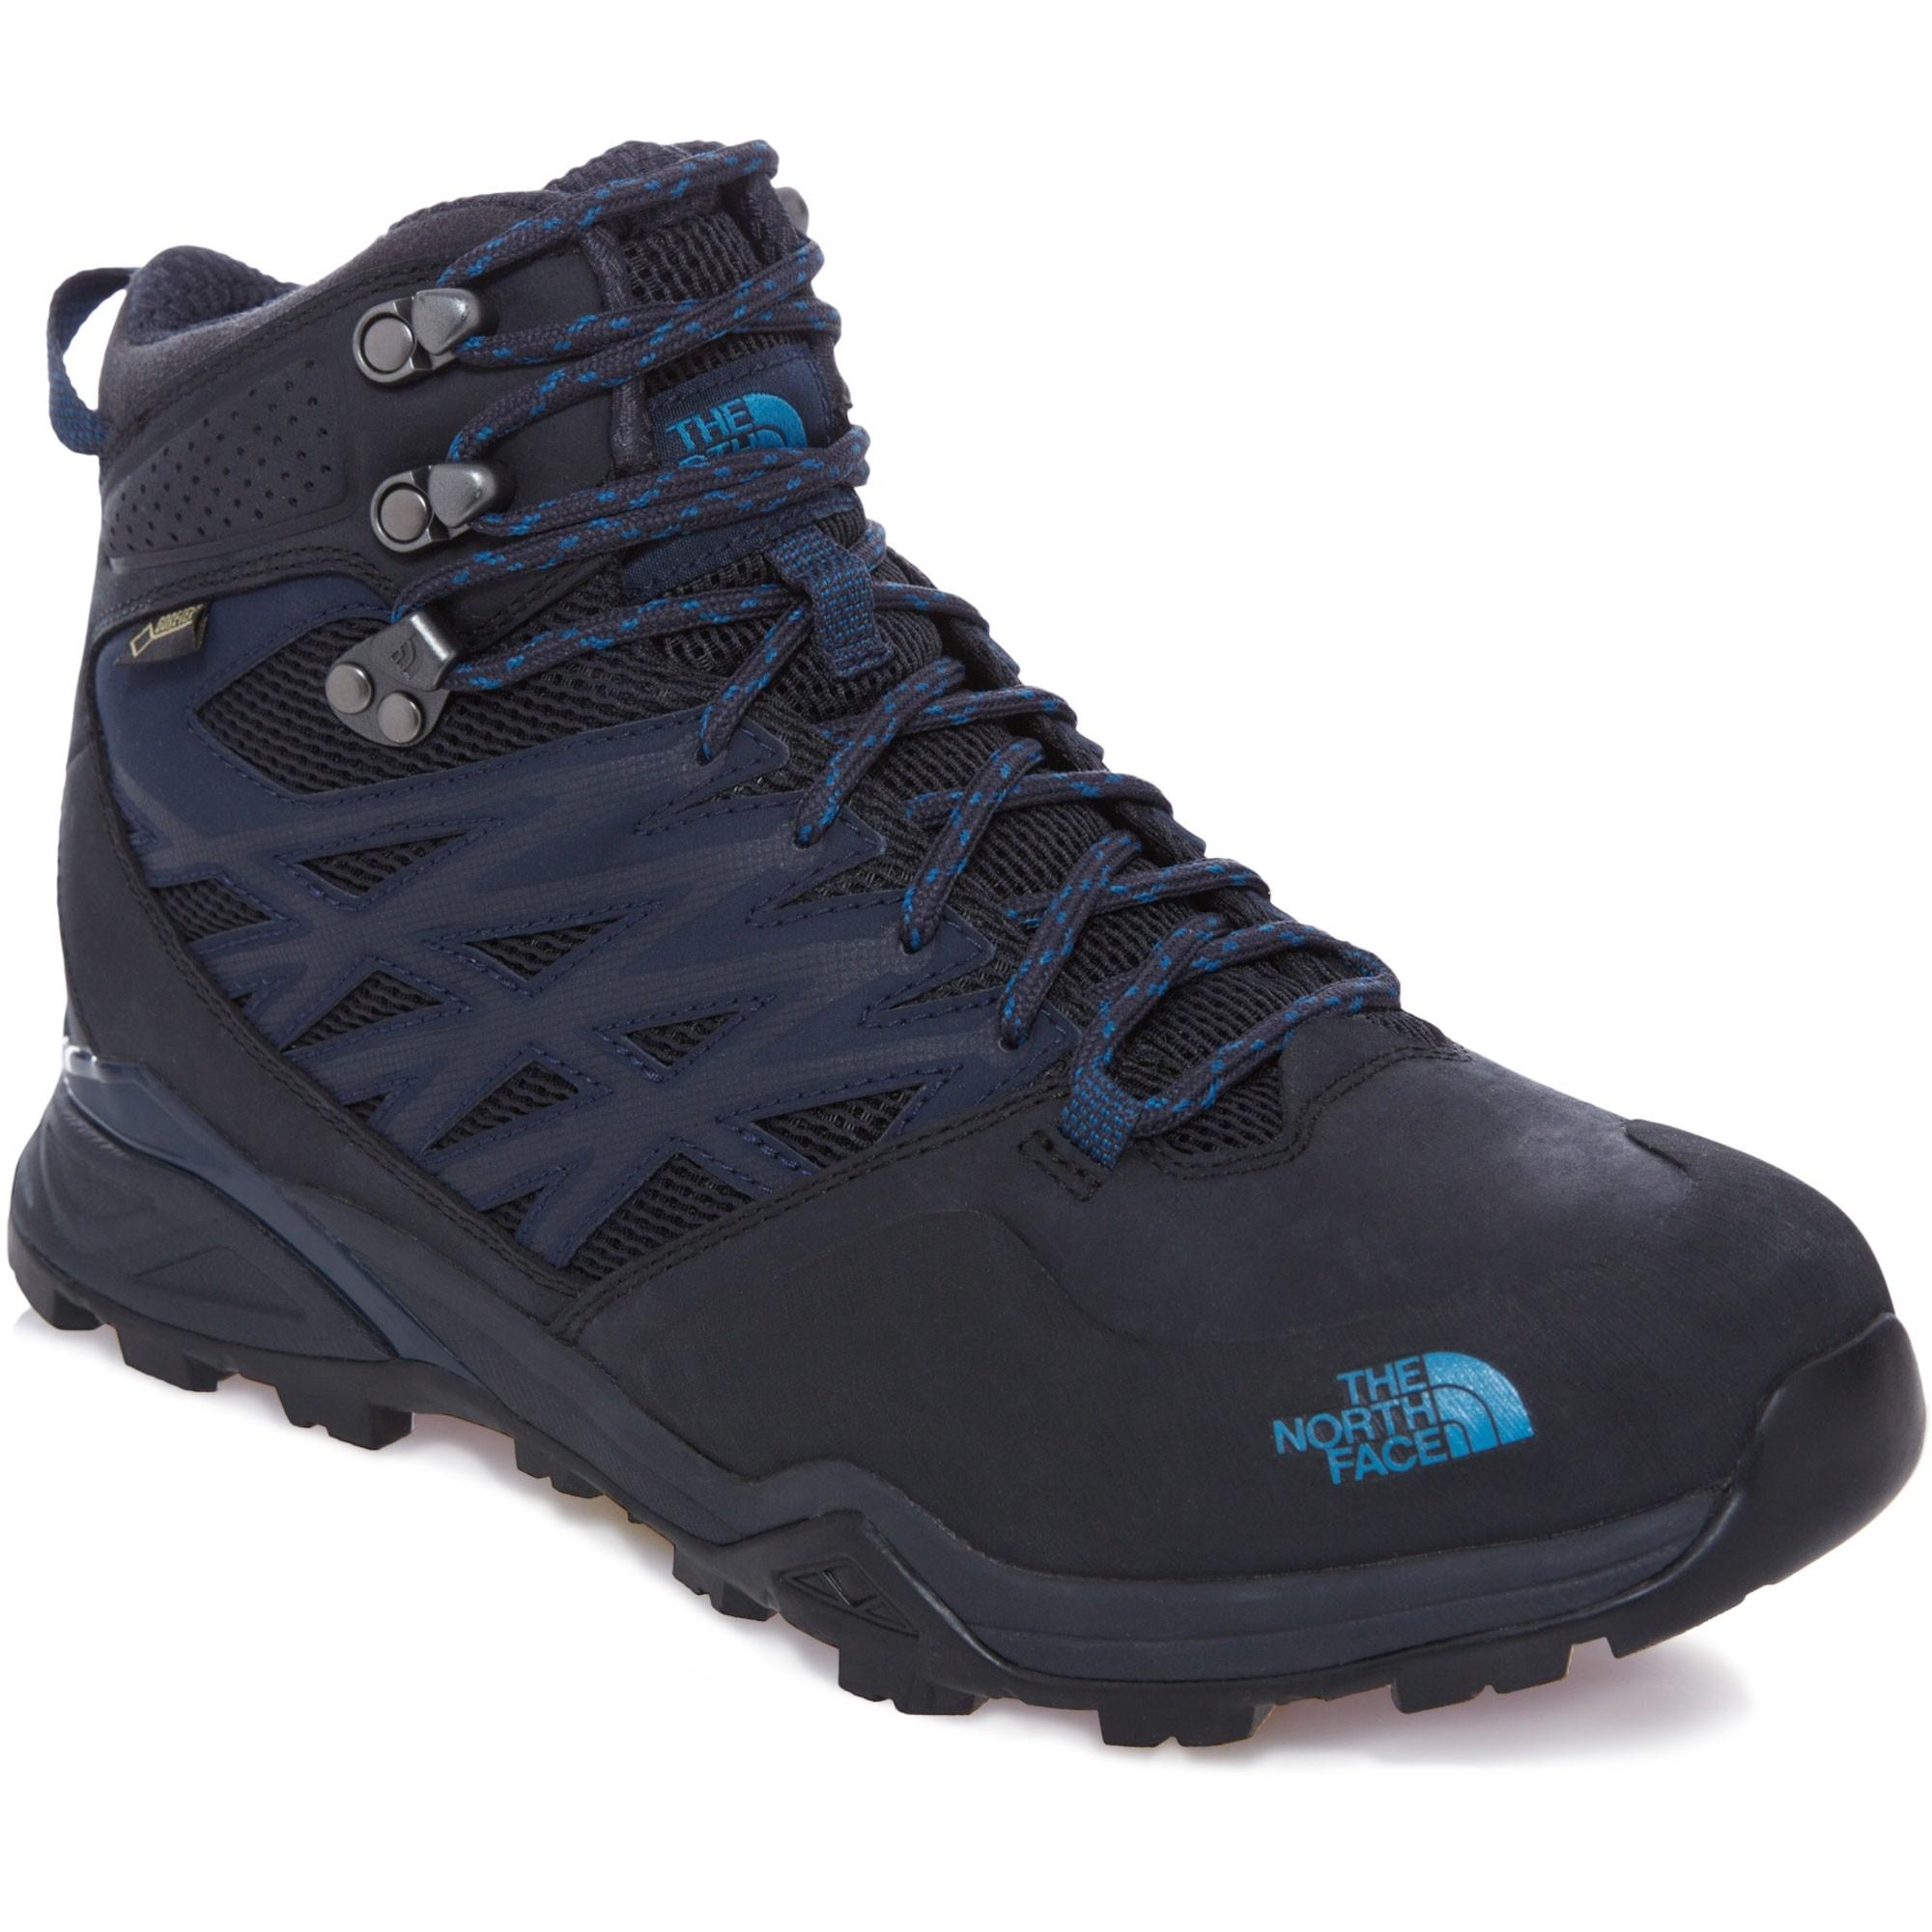 The North Face Hedgehog Hike Mid GTX - Phantom Grey/Boulder Blue